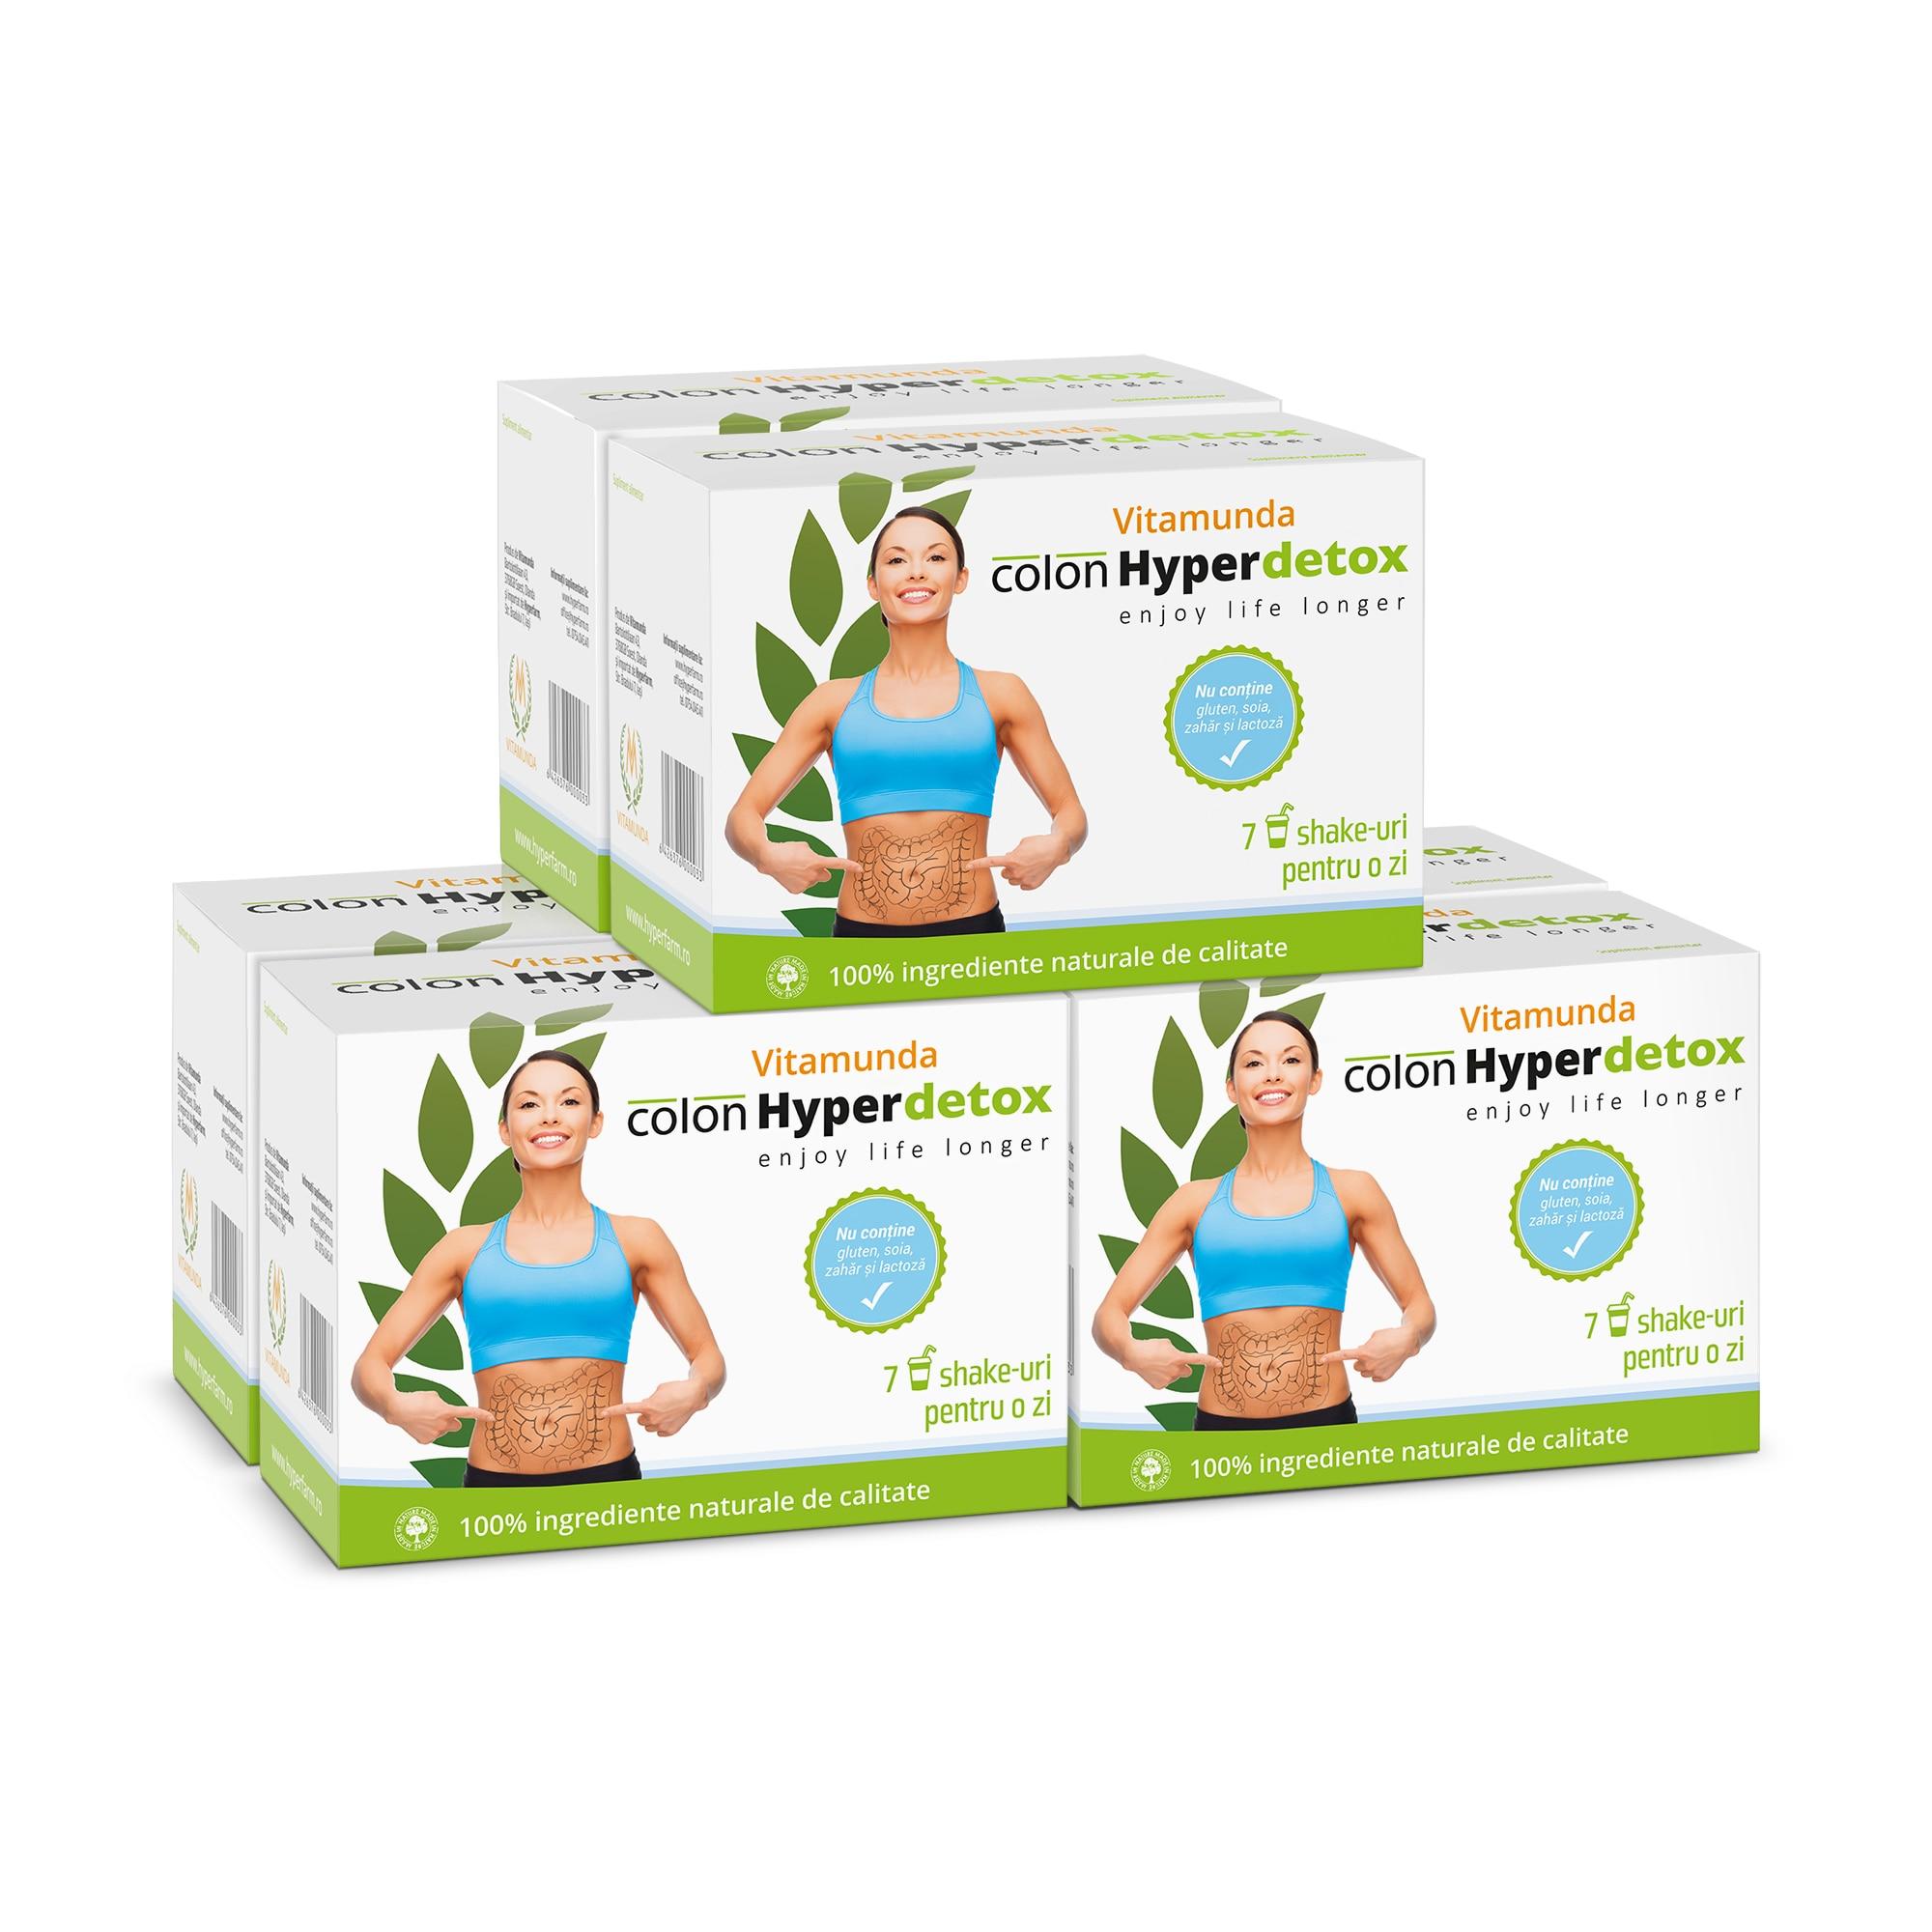 Este lecitină de soia bună pentru pierderea în greutate - Decupați filele pierderi în greutate